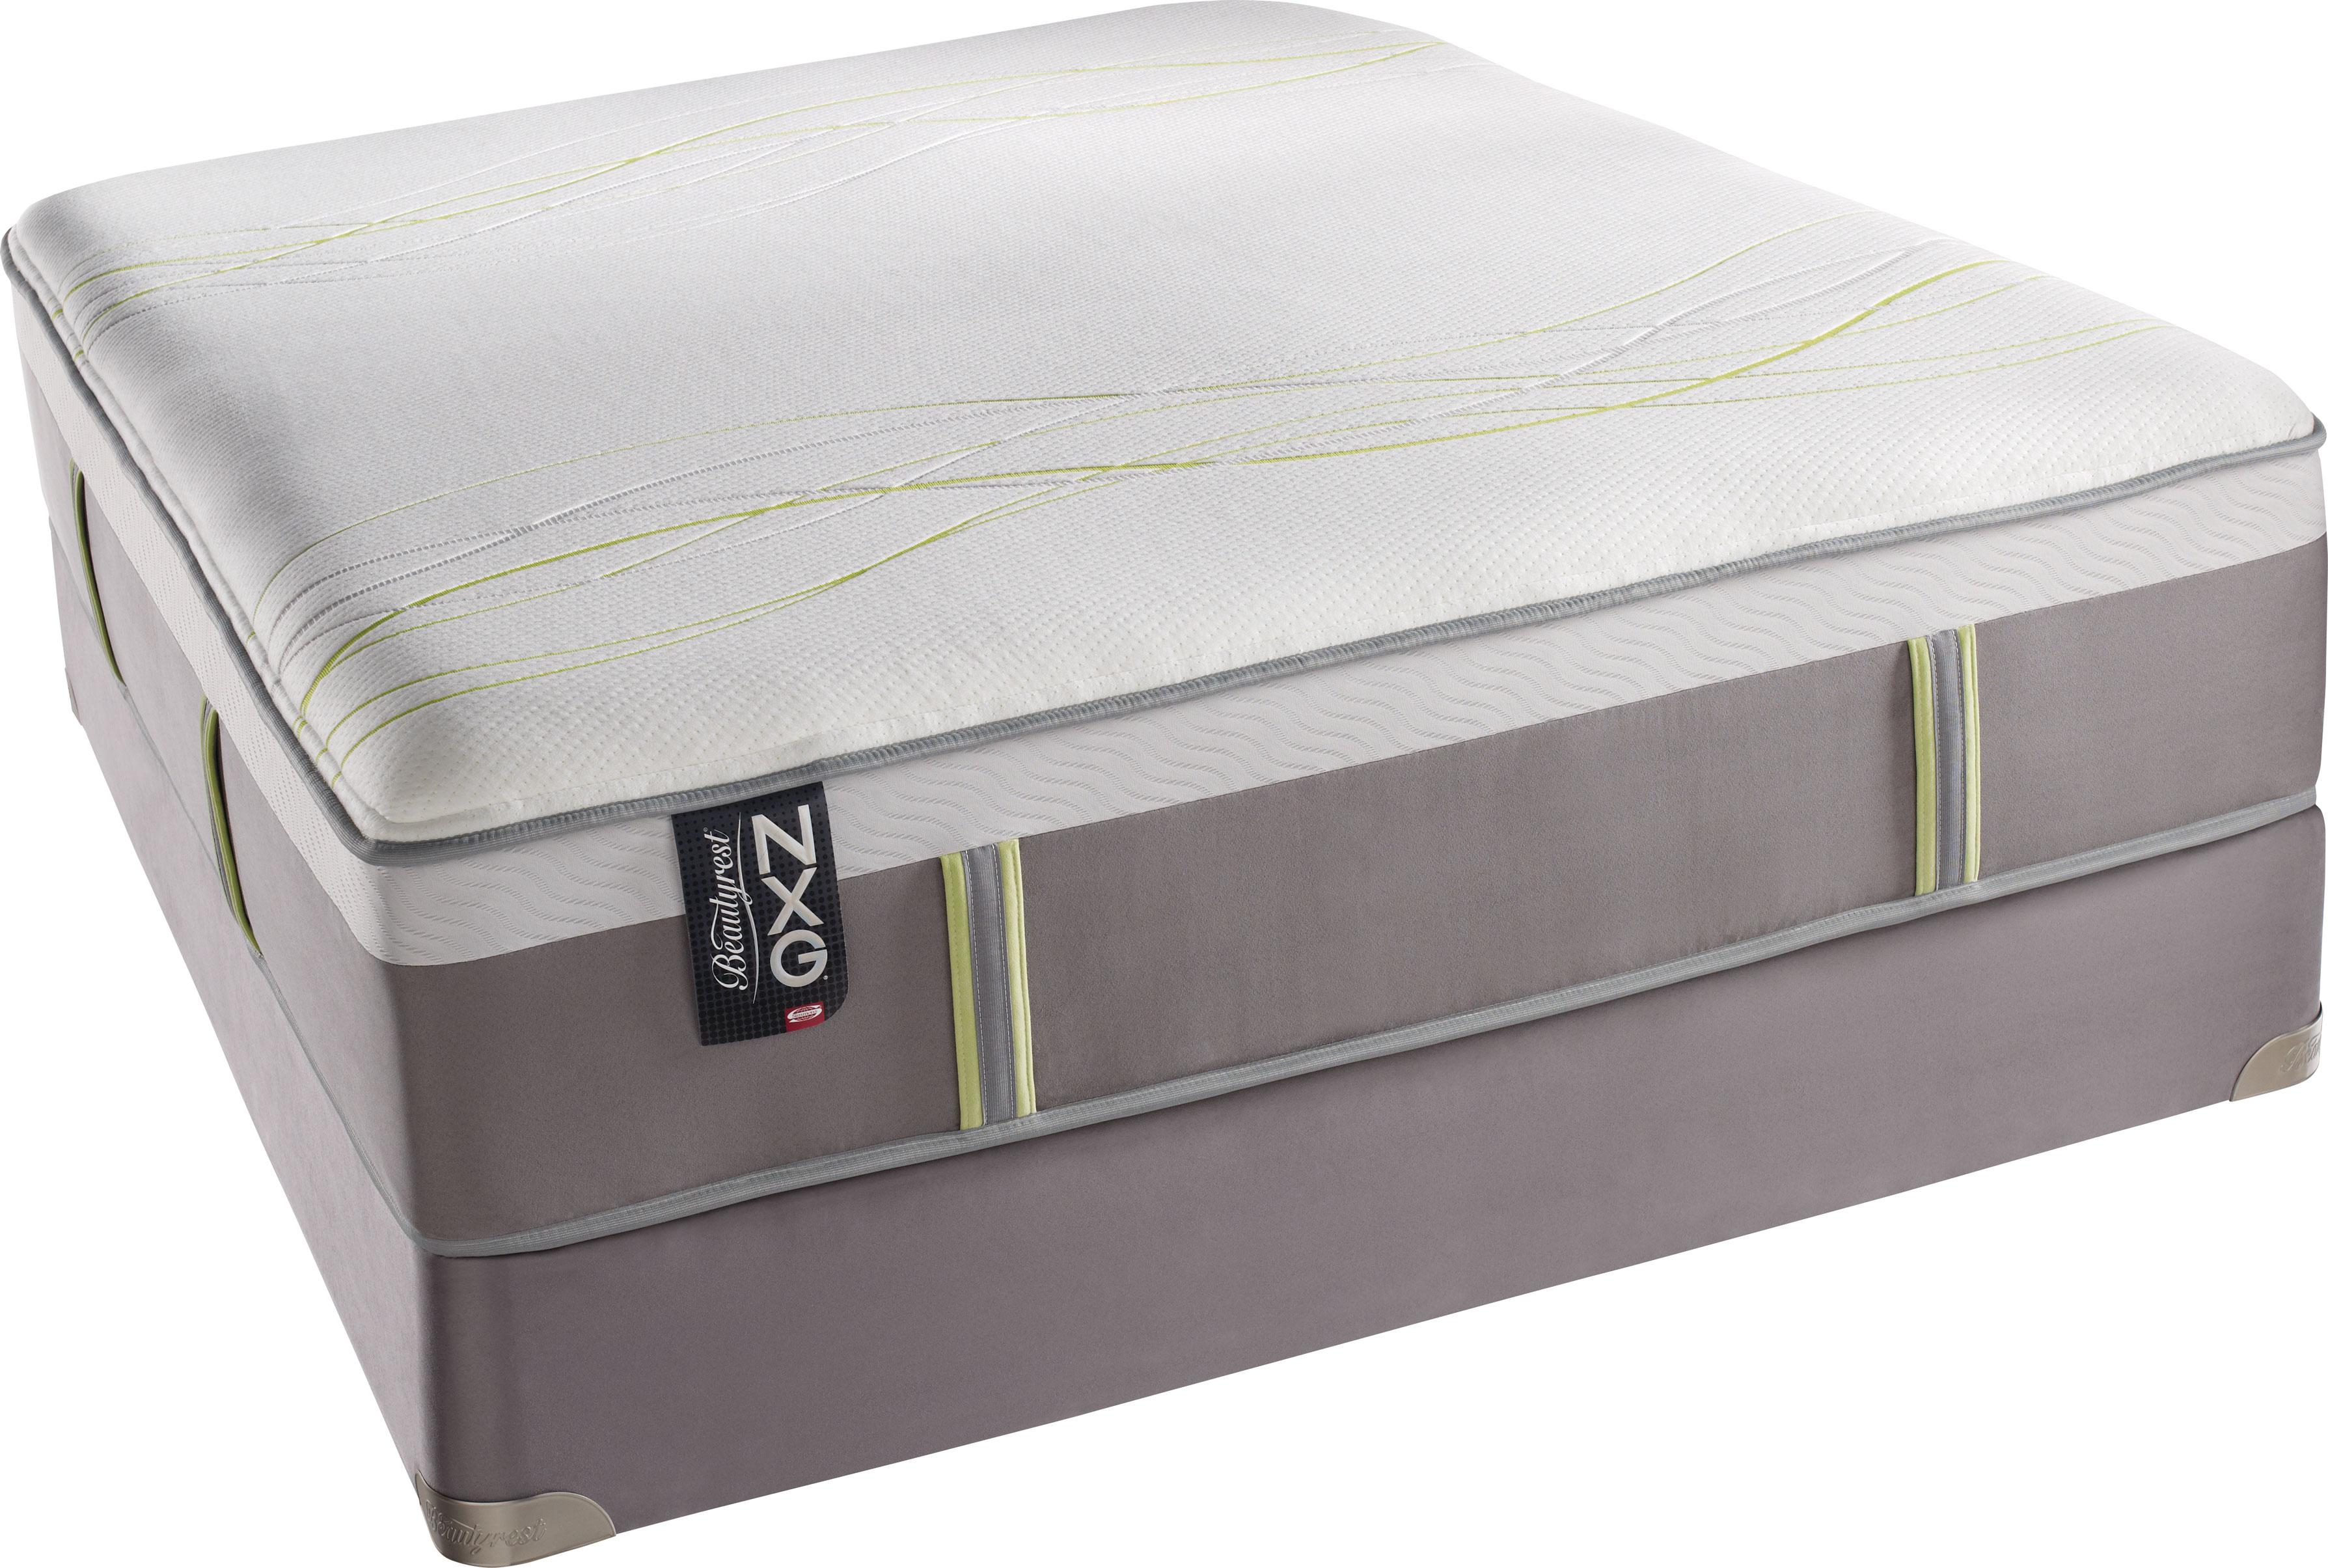 simmons beautyrest nxg 400 plush pillow